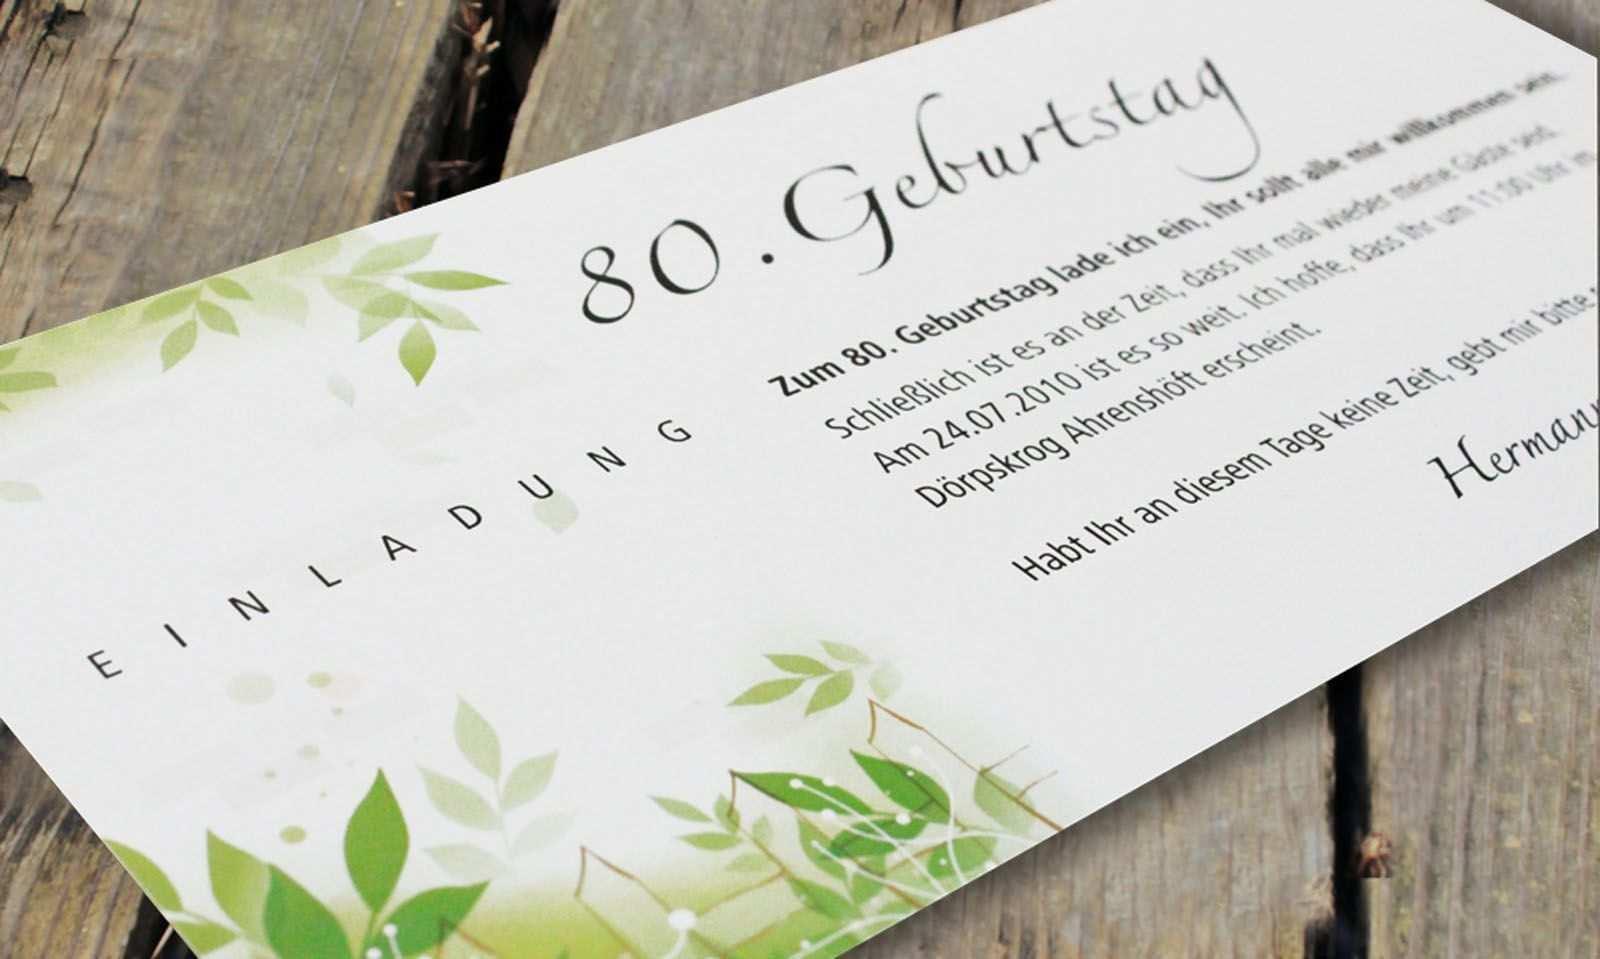 Einladungstext 80 Geburtstag Kostenlos Einladungstext 80 Geburtstag Kurz Einladungs Einladung 80 Geburtstag Einladung Geburtstag Einladungskarten Geburtstag